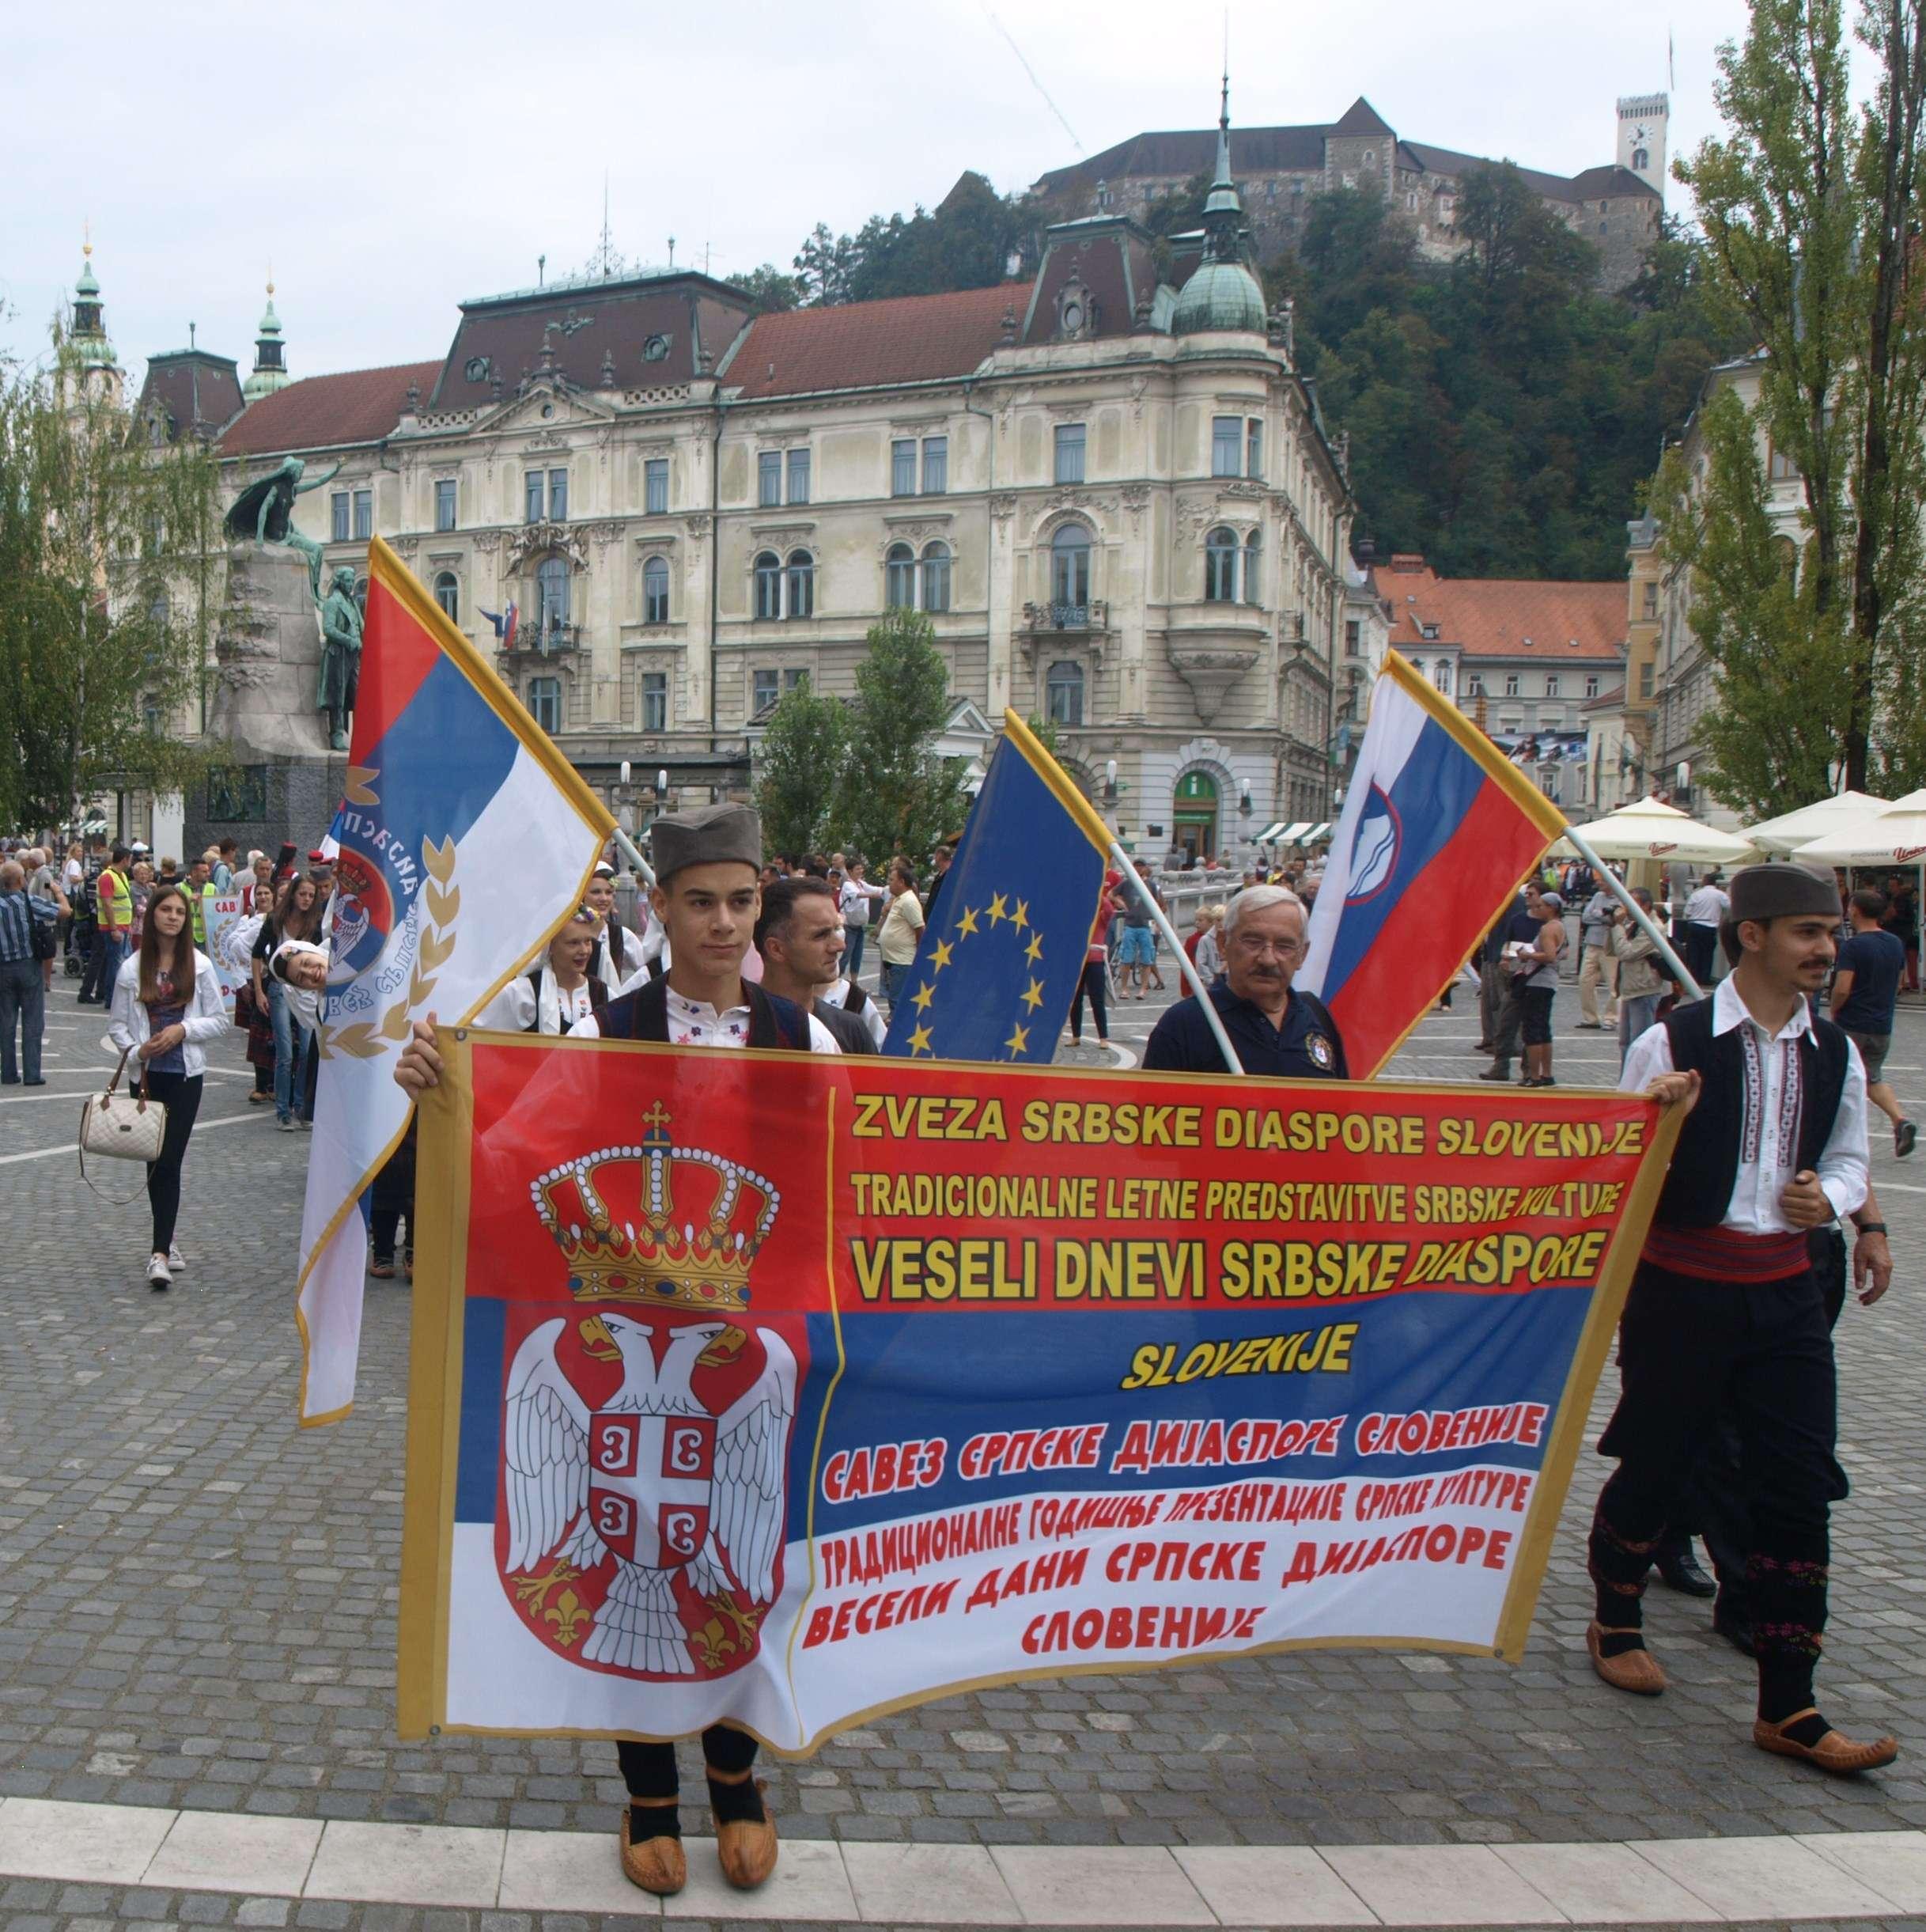 PROTESTNA ŠETNJA U VEZI DISKRIMINACIJE I ŠOVINIZMA UZ GOVOR PRED SLOVENSKIM JAVNIM FONDOM ZA KULTURNE DJELATNOSTI u Ljubljani 30.08.2014. (zasjenile barikade automobila)